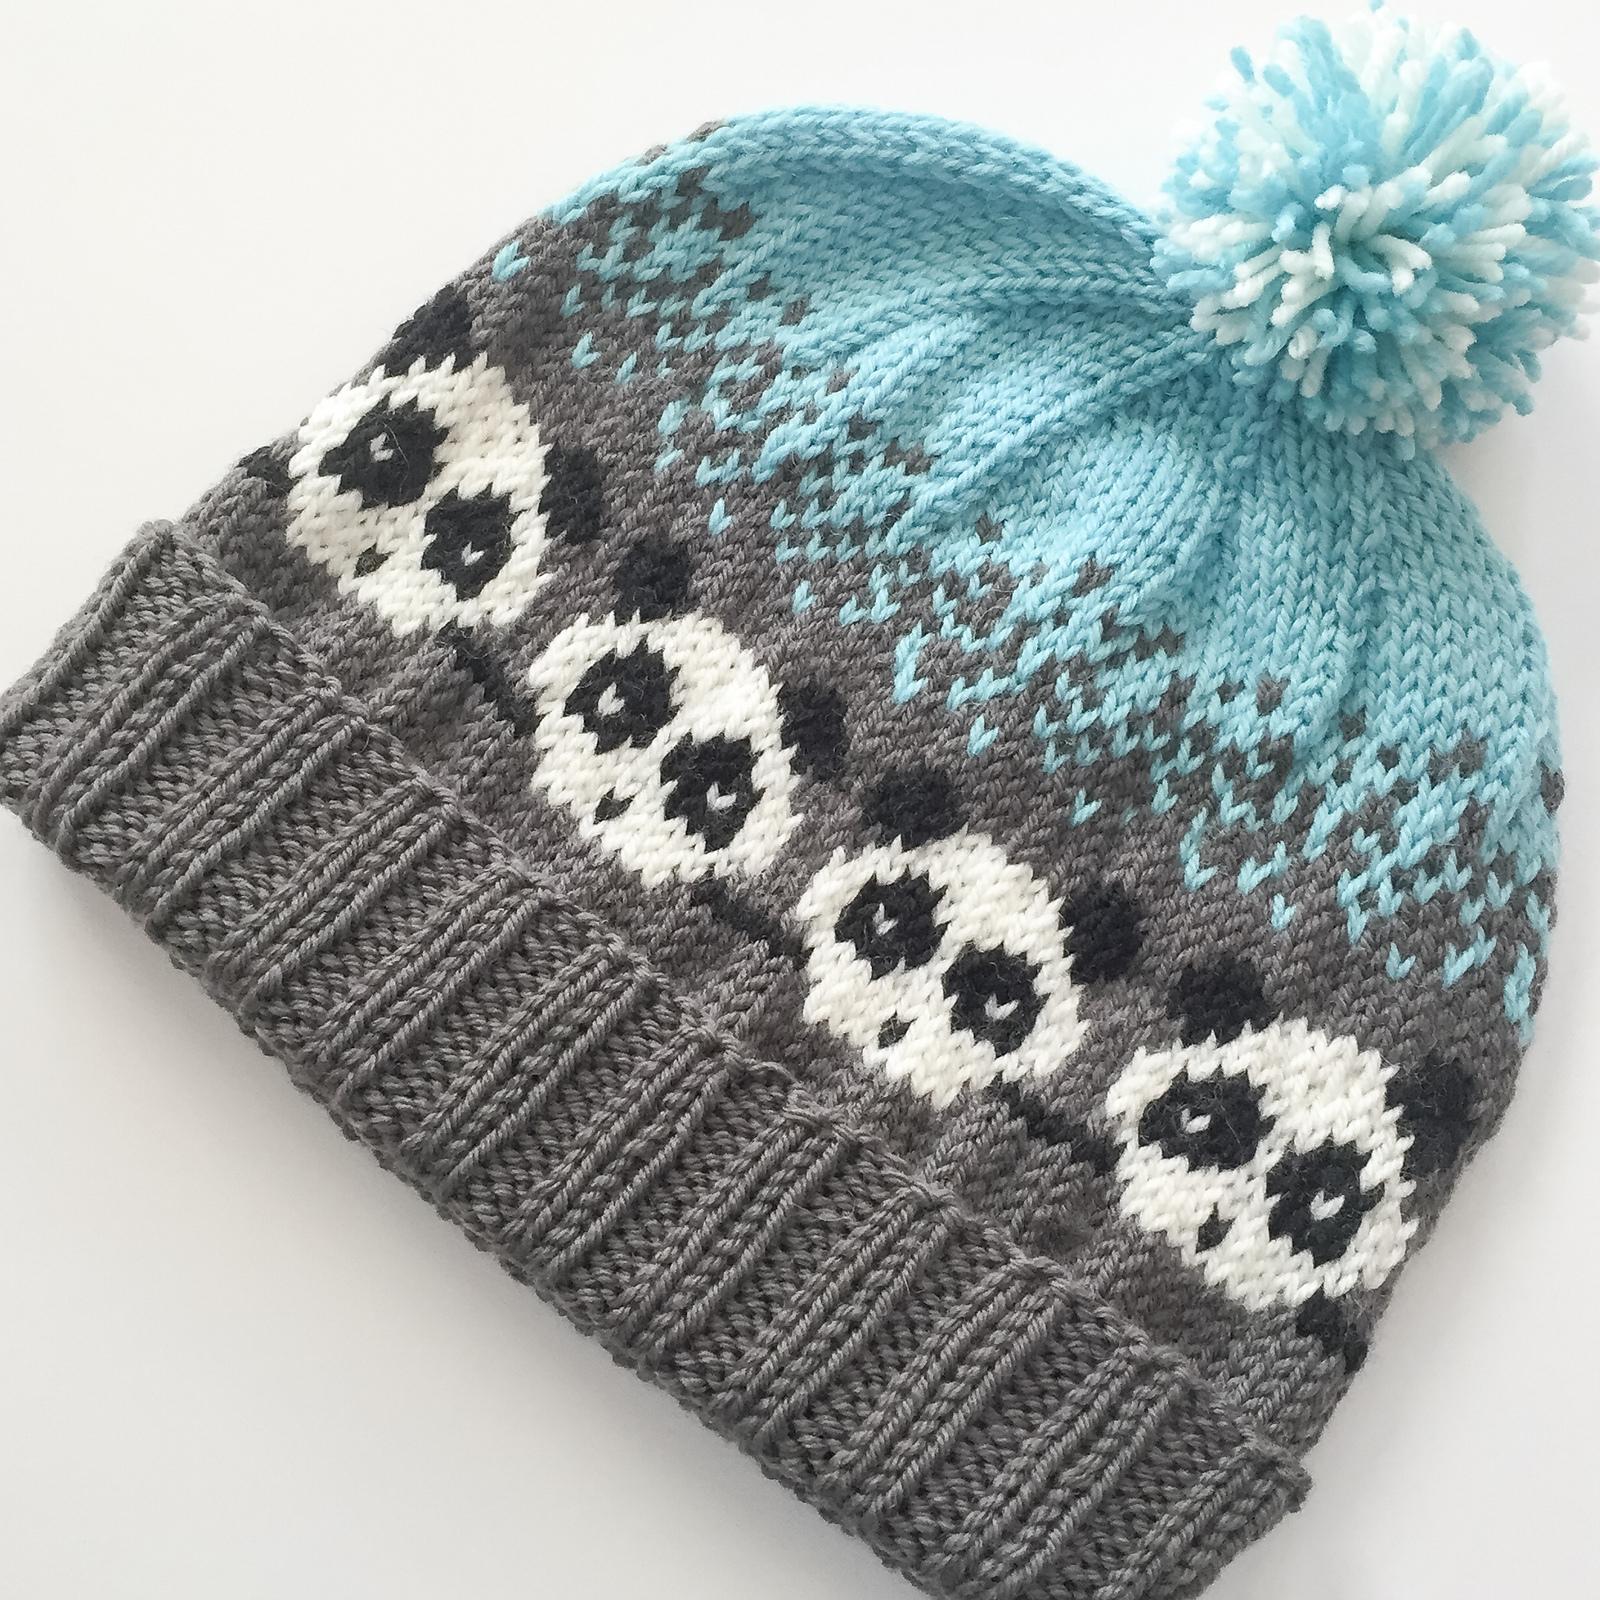 Free Knitting Pattern for Pandemonium Hat